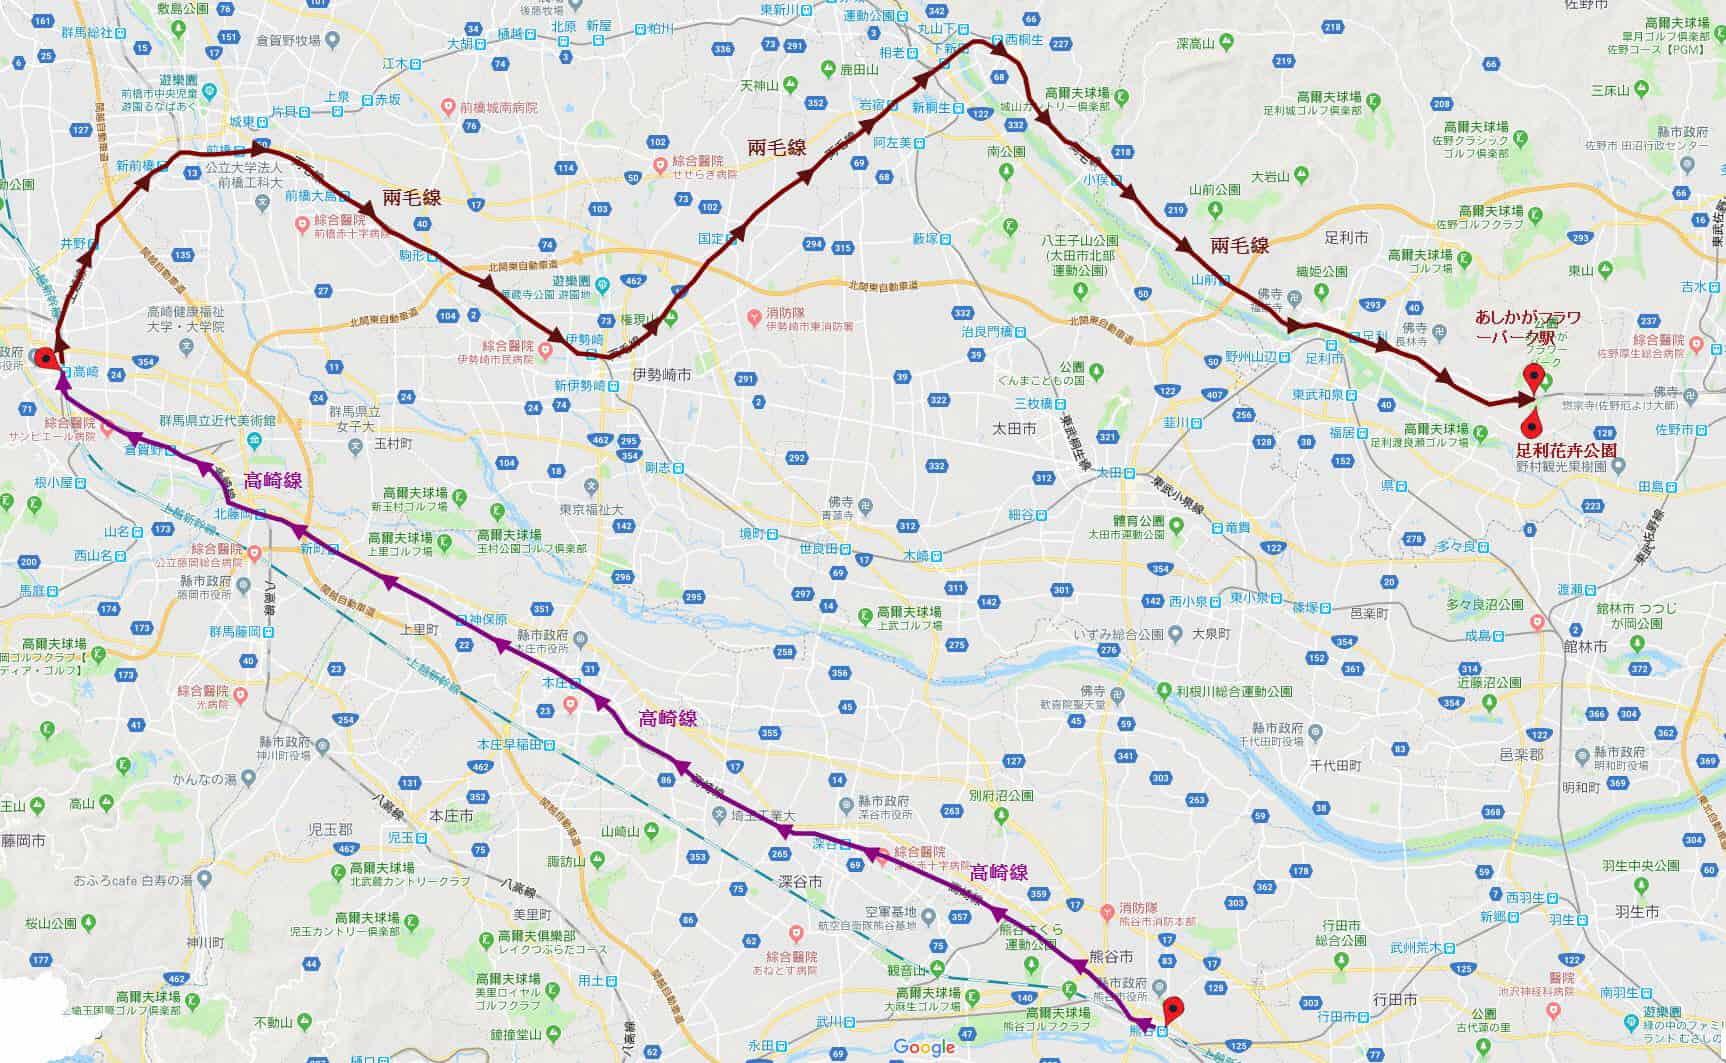 乘高崎線往高崎 轉乘兩毛線往足利花卉公園路線地圖